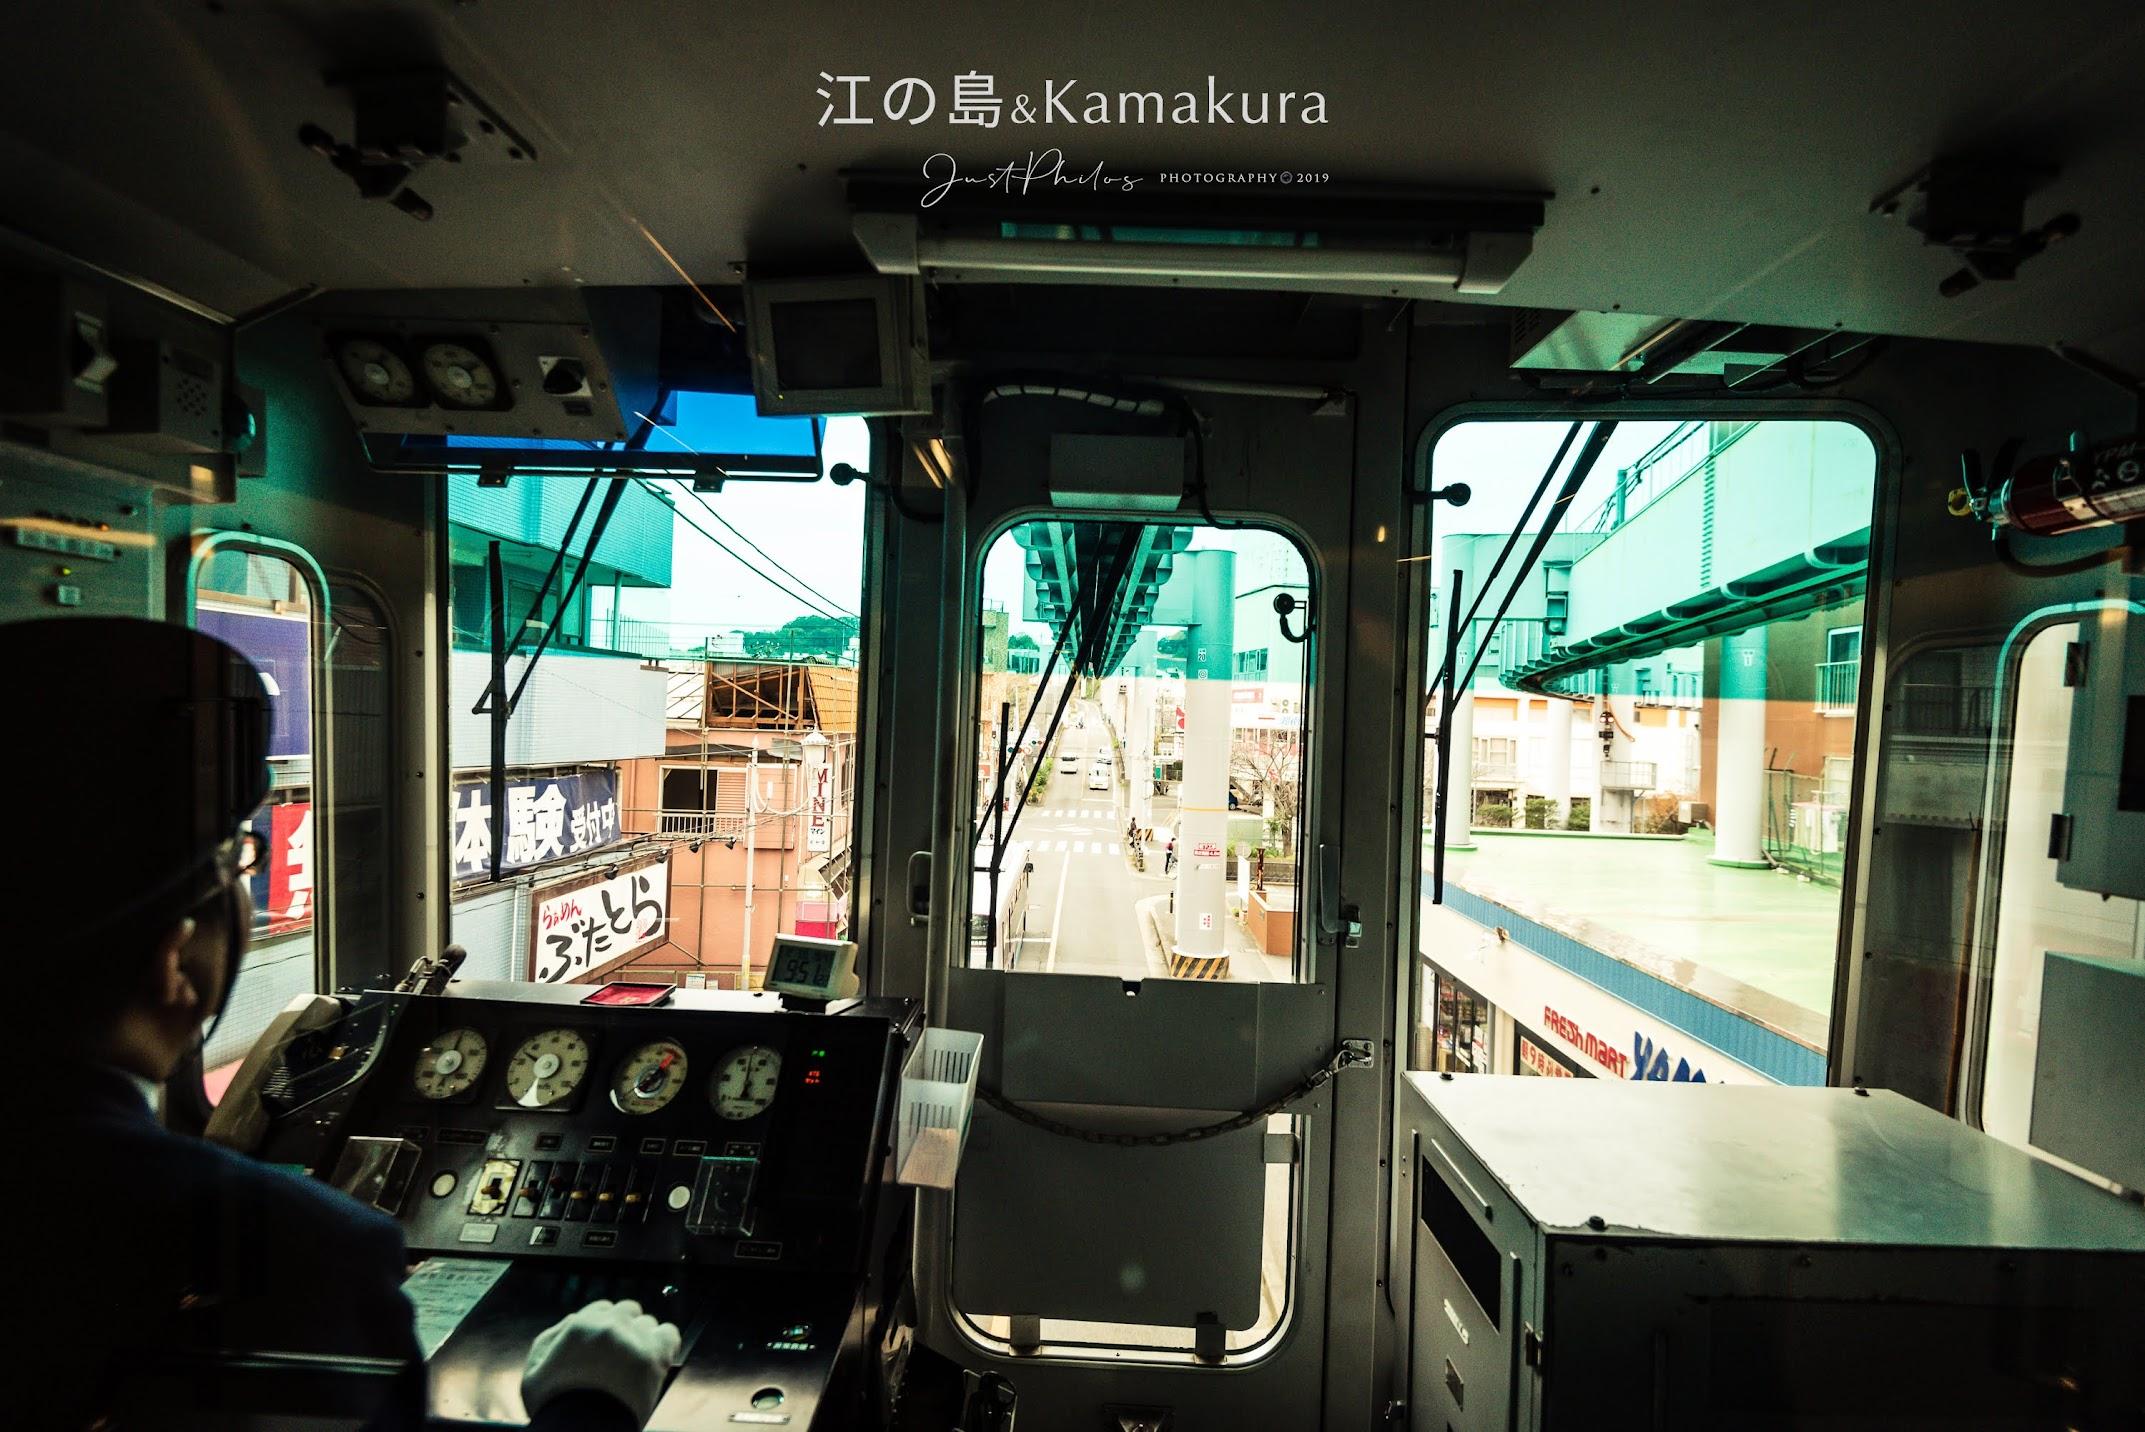 搭乘湘南單軌電車可以體驗懸臂式電車乘坐的速度感。